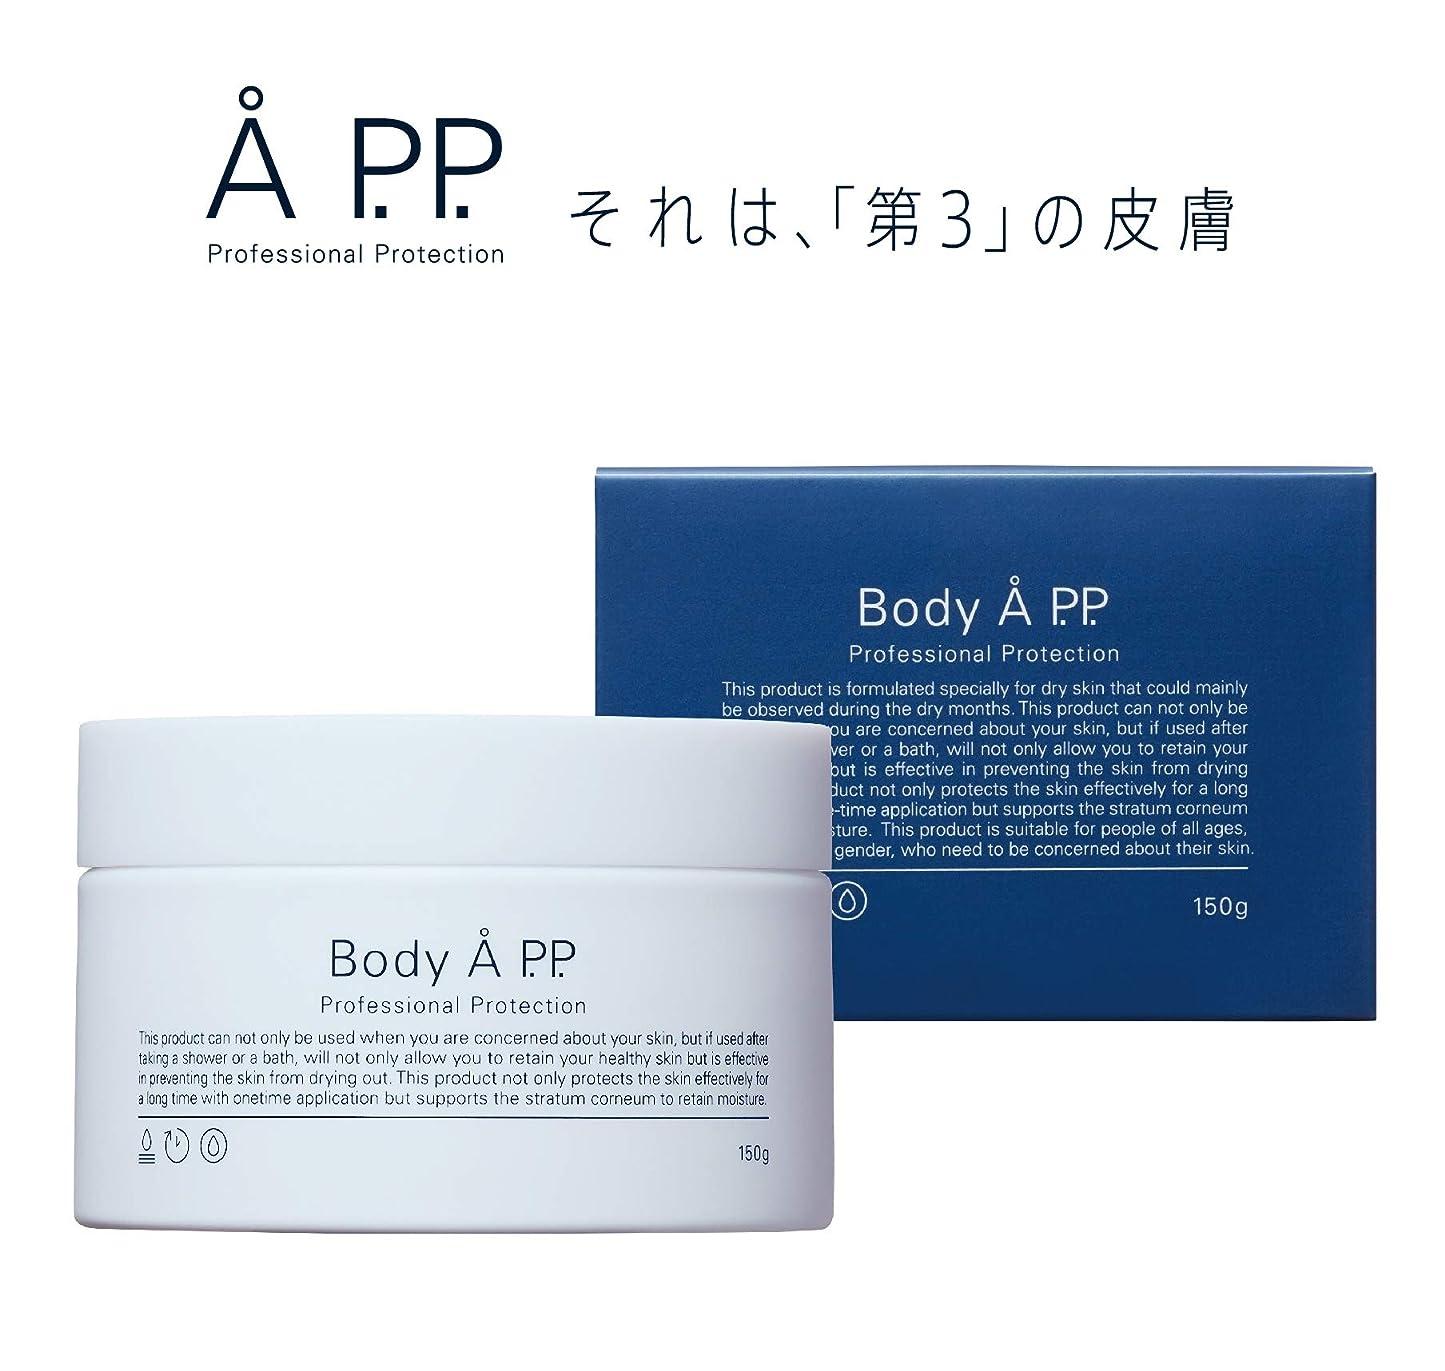 勧めるケーブルカウントBody A P.P. プロフェッショナルプロテクション 高機能 ボディクリーム ボディークリーム 人気 ランキング 保湿 無香料 150g (1個)